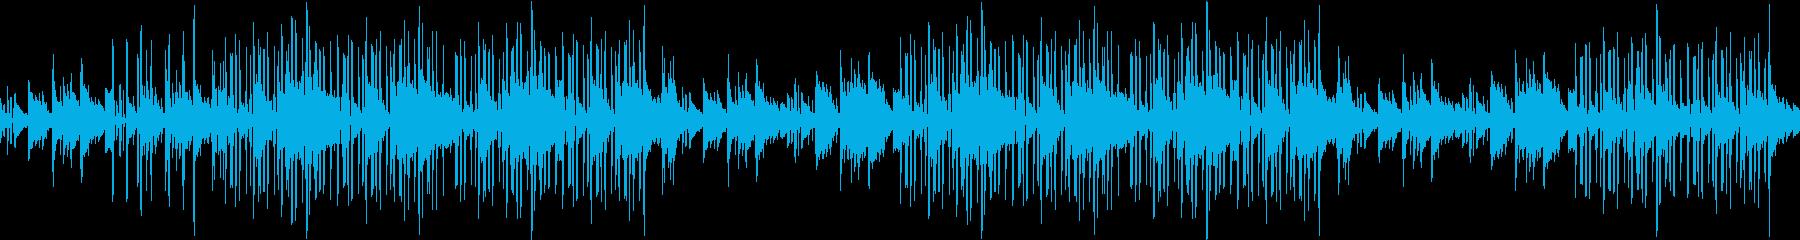 センチメンタル・別れ・ピアノ【ループ】の再生済みの波形